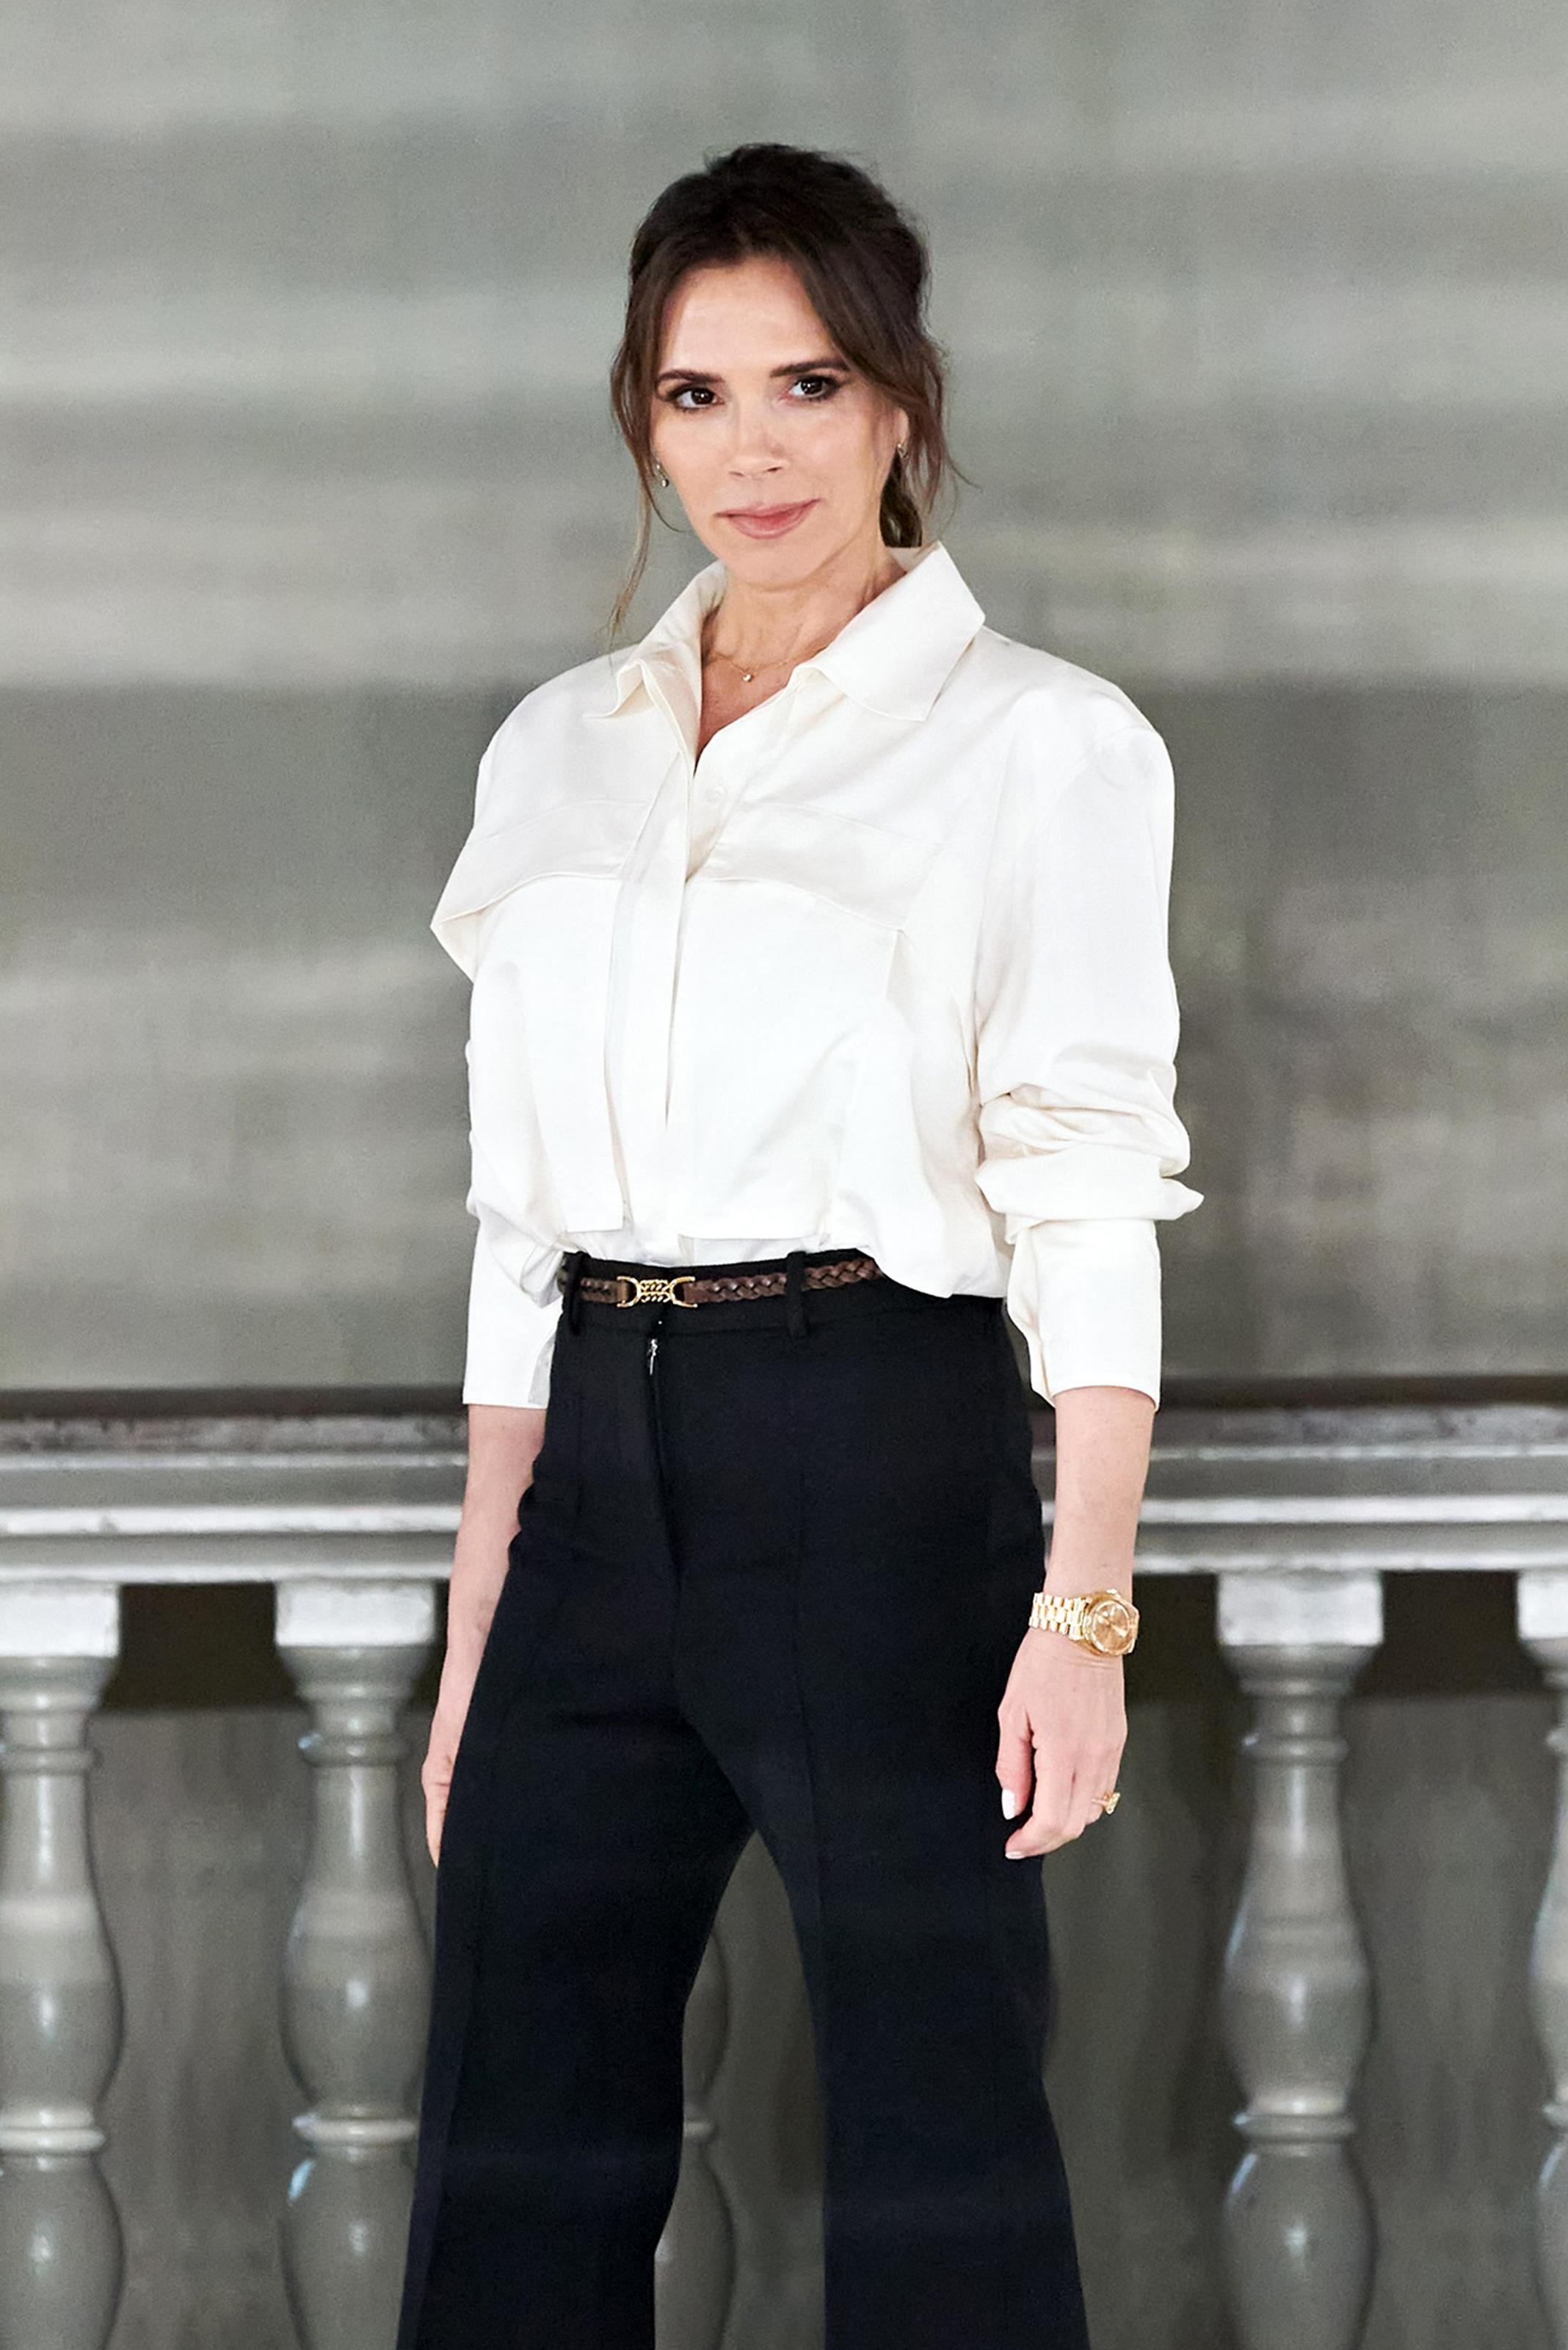 Η Victoria Beckham μας δείχνει τις φακίδες της (και ναι, θέλουμε κι εμείς αυτή την επιδερμίδα)!